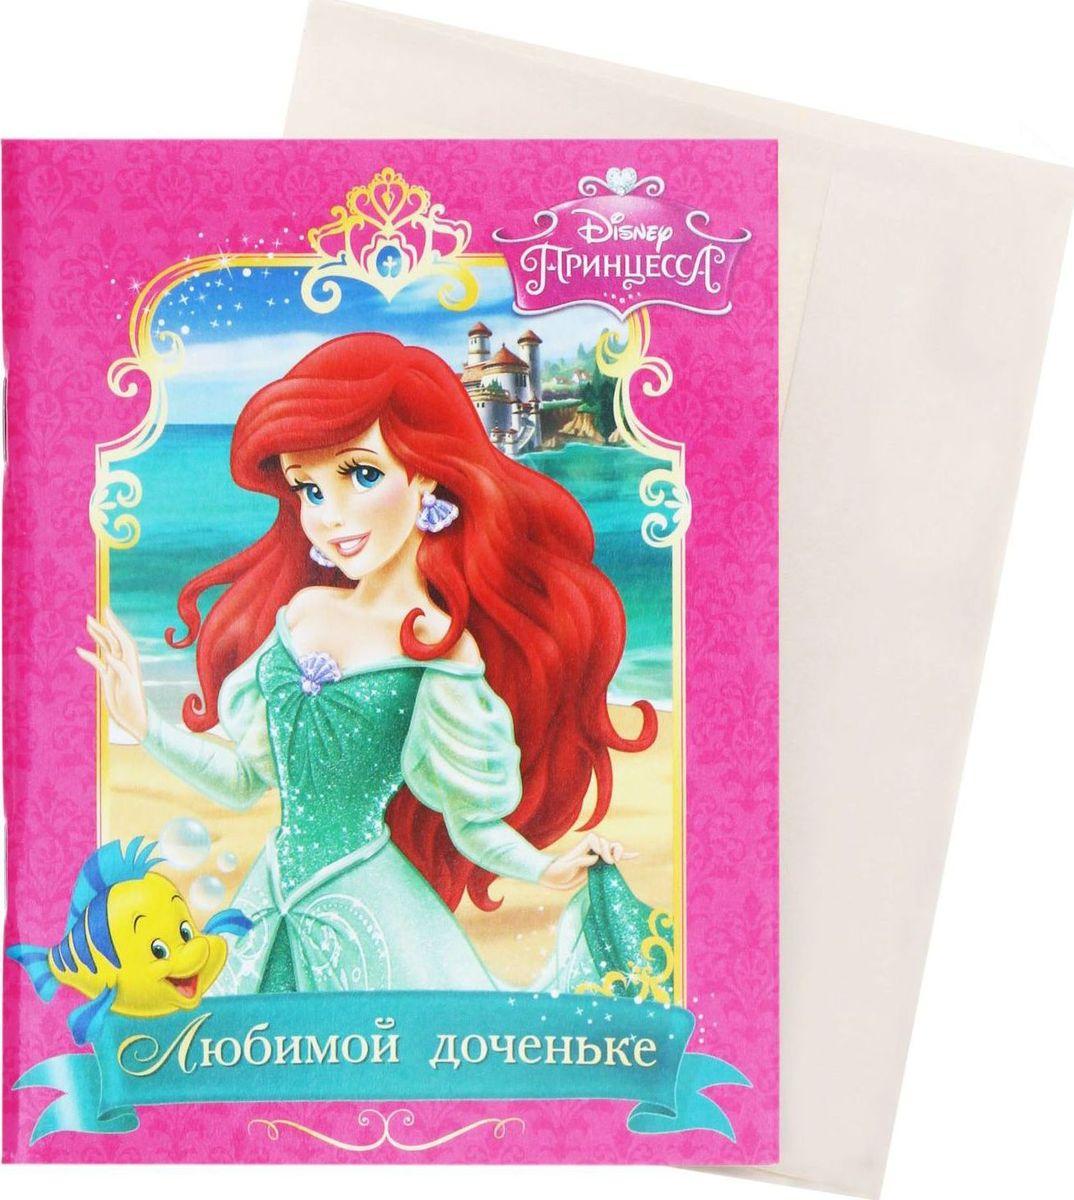 Disney Блокнот-открытка Принцессы Любимой доченьке 32 листа2126327Перед вами уникальная разработка нашего креативного отдела. С одной стороны, это яркая открытка со всеми любимой Ариэль и Флаундером, а стоит заглянуть внутрь, и вы найдете 32 дизайнерских листа с бархатной фактурой. Роскошный сувенир, разработанный специально для маленьких принцесс. В отличие от обычной открытки, которая зачастую просто пылиться в шкафу, блокнотом Любимой доченьке приятно пользоваться! Все элементы украшены милыми комплиментами и советами для юных красавиц. Герои мультика Русалочка изображены на обложке блокнота и на внутренних листах, так что каждая запись приносит еще больше удовольствия. Эксклюзивный блокнот-открытка будет прекрасным подарком для вашей любимой малышки. В подарок к блокноту-открытке вложен универсальный конверт. Подпишите его, открытку и вручите сувенир адресату на любой праздник.